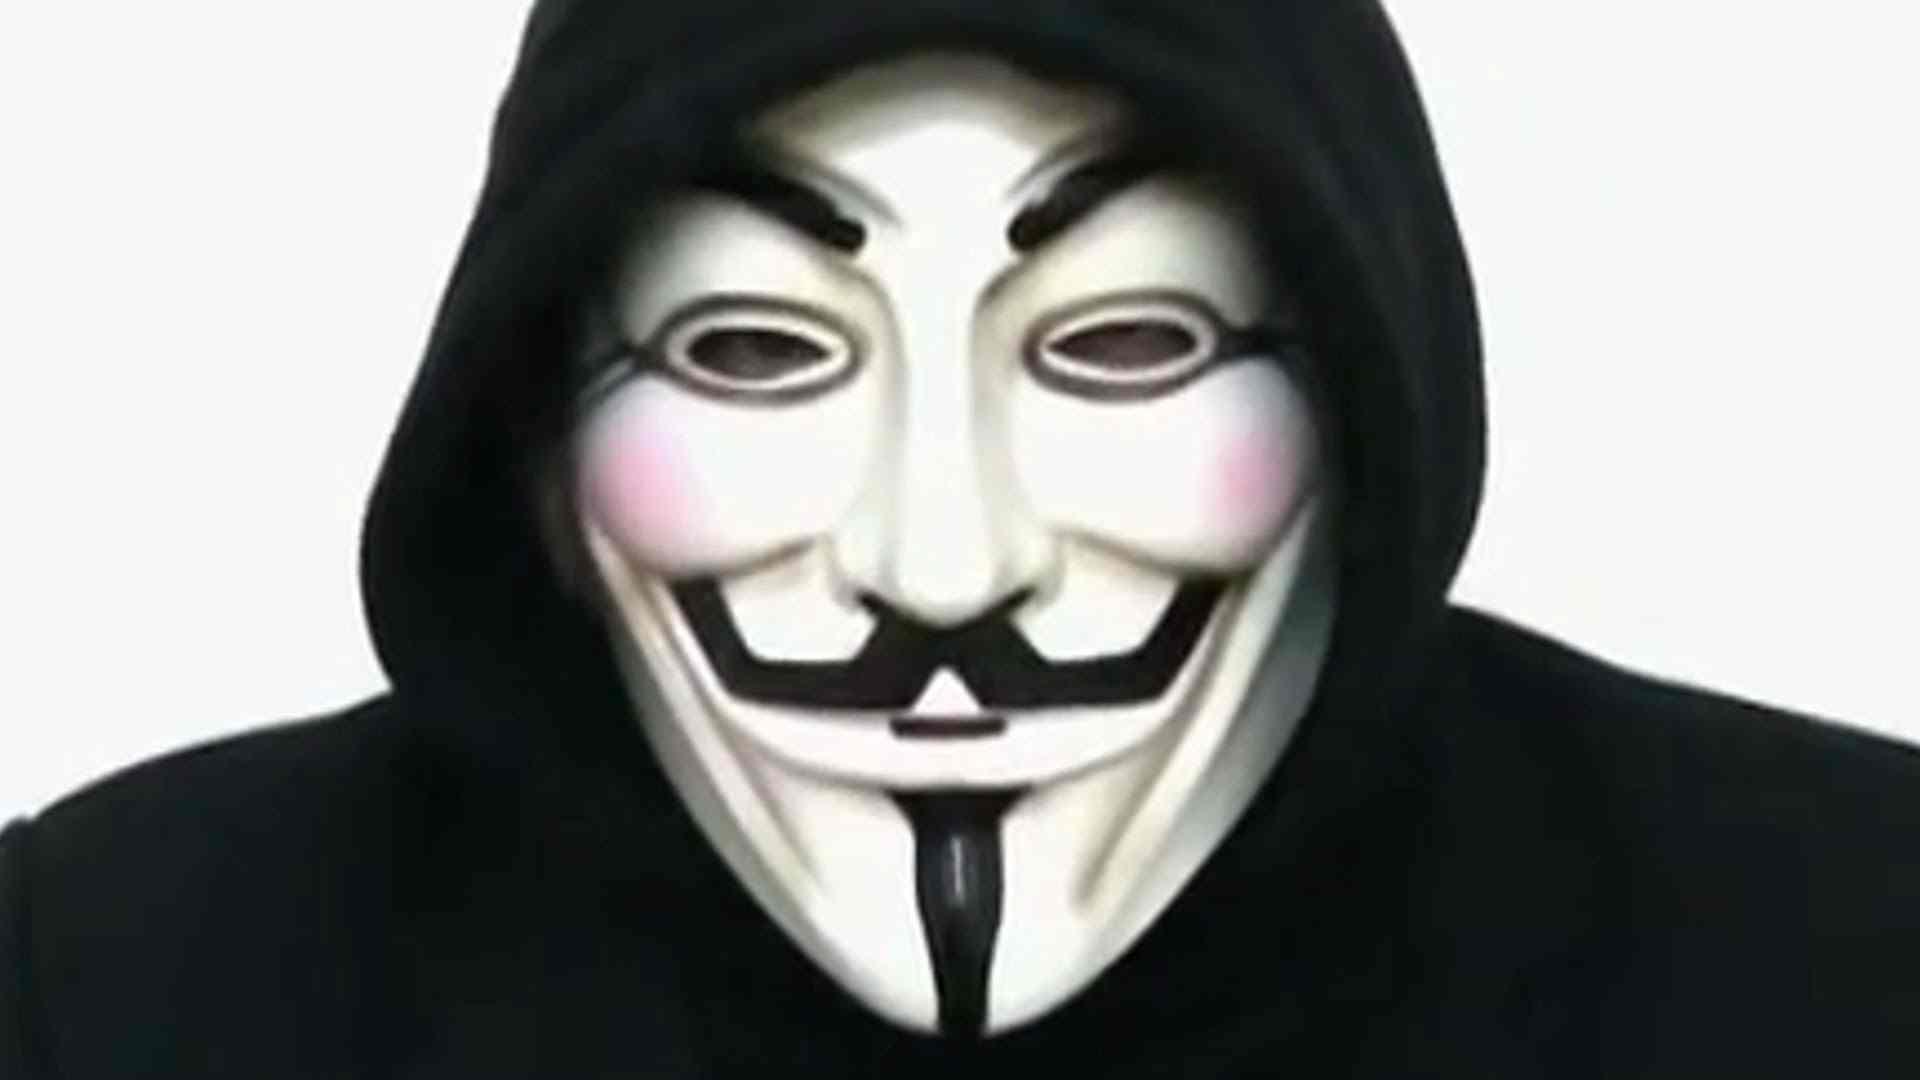 Novi program za prepoznavanje: Džaba nosite masku, sistem će vas prepoznati!